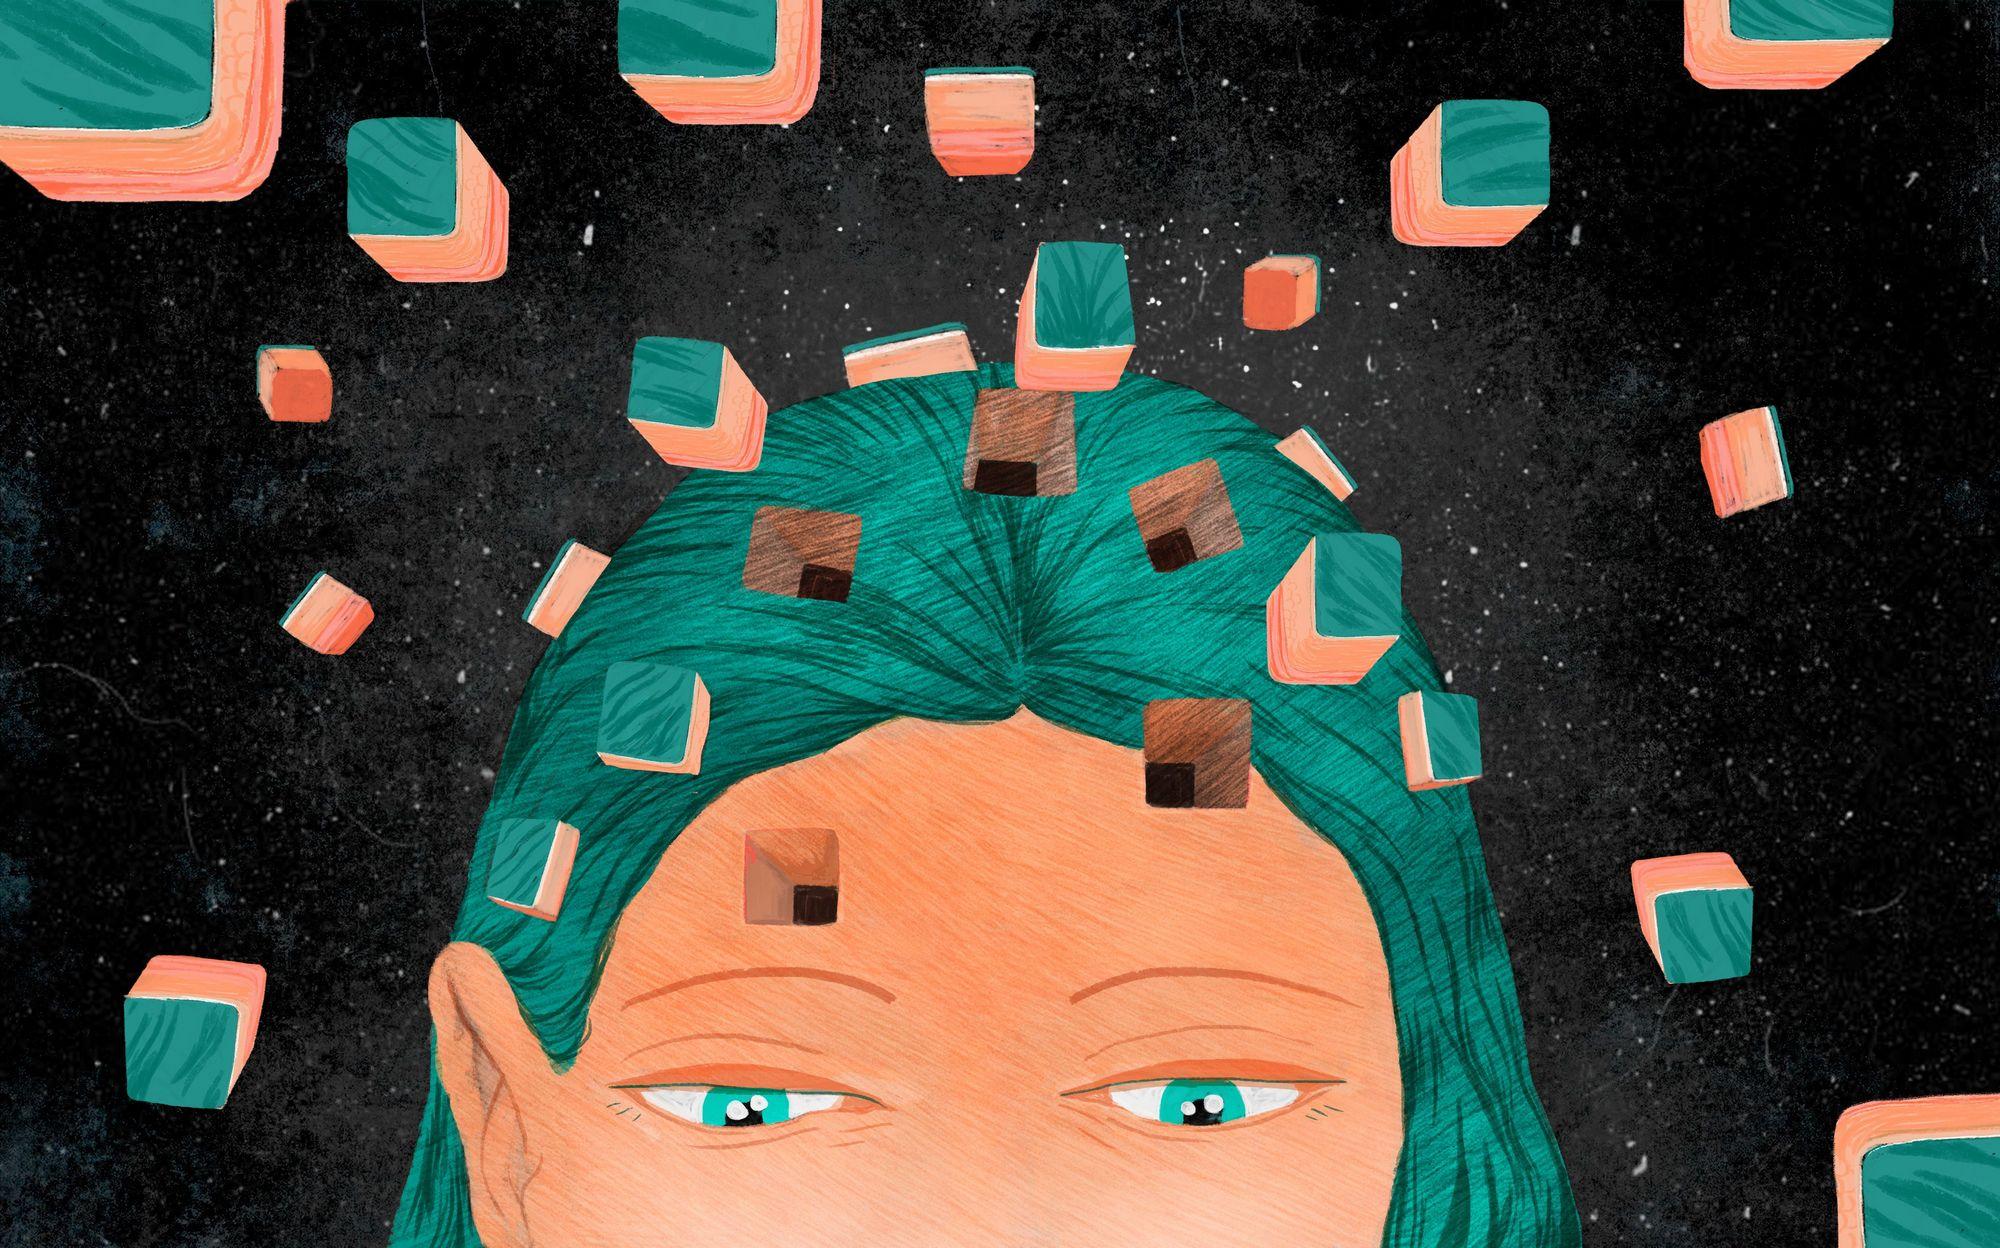 DISTRAGEREA ATENȚIEI ÎN LUMEA DIGITALĂ. Cum suntem deconectați de noi înșine și ce remedii avem la dispoziție